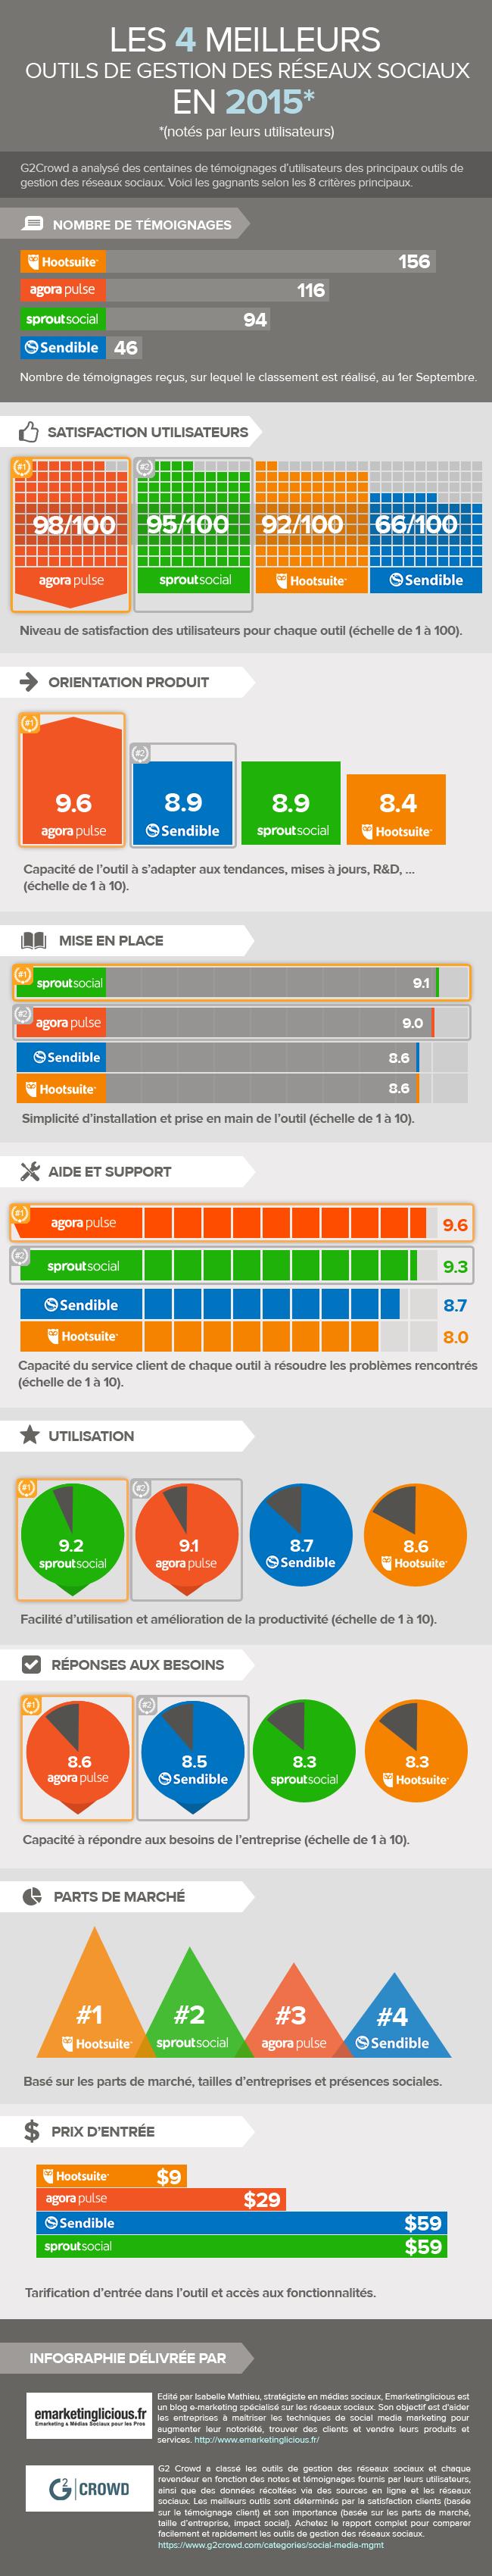 outils-reseaux-sociaux-infographie